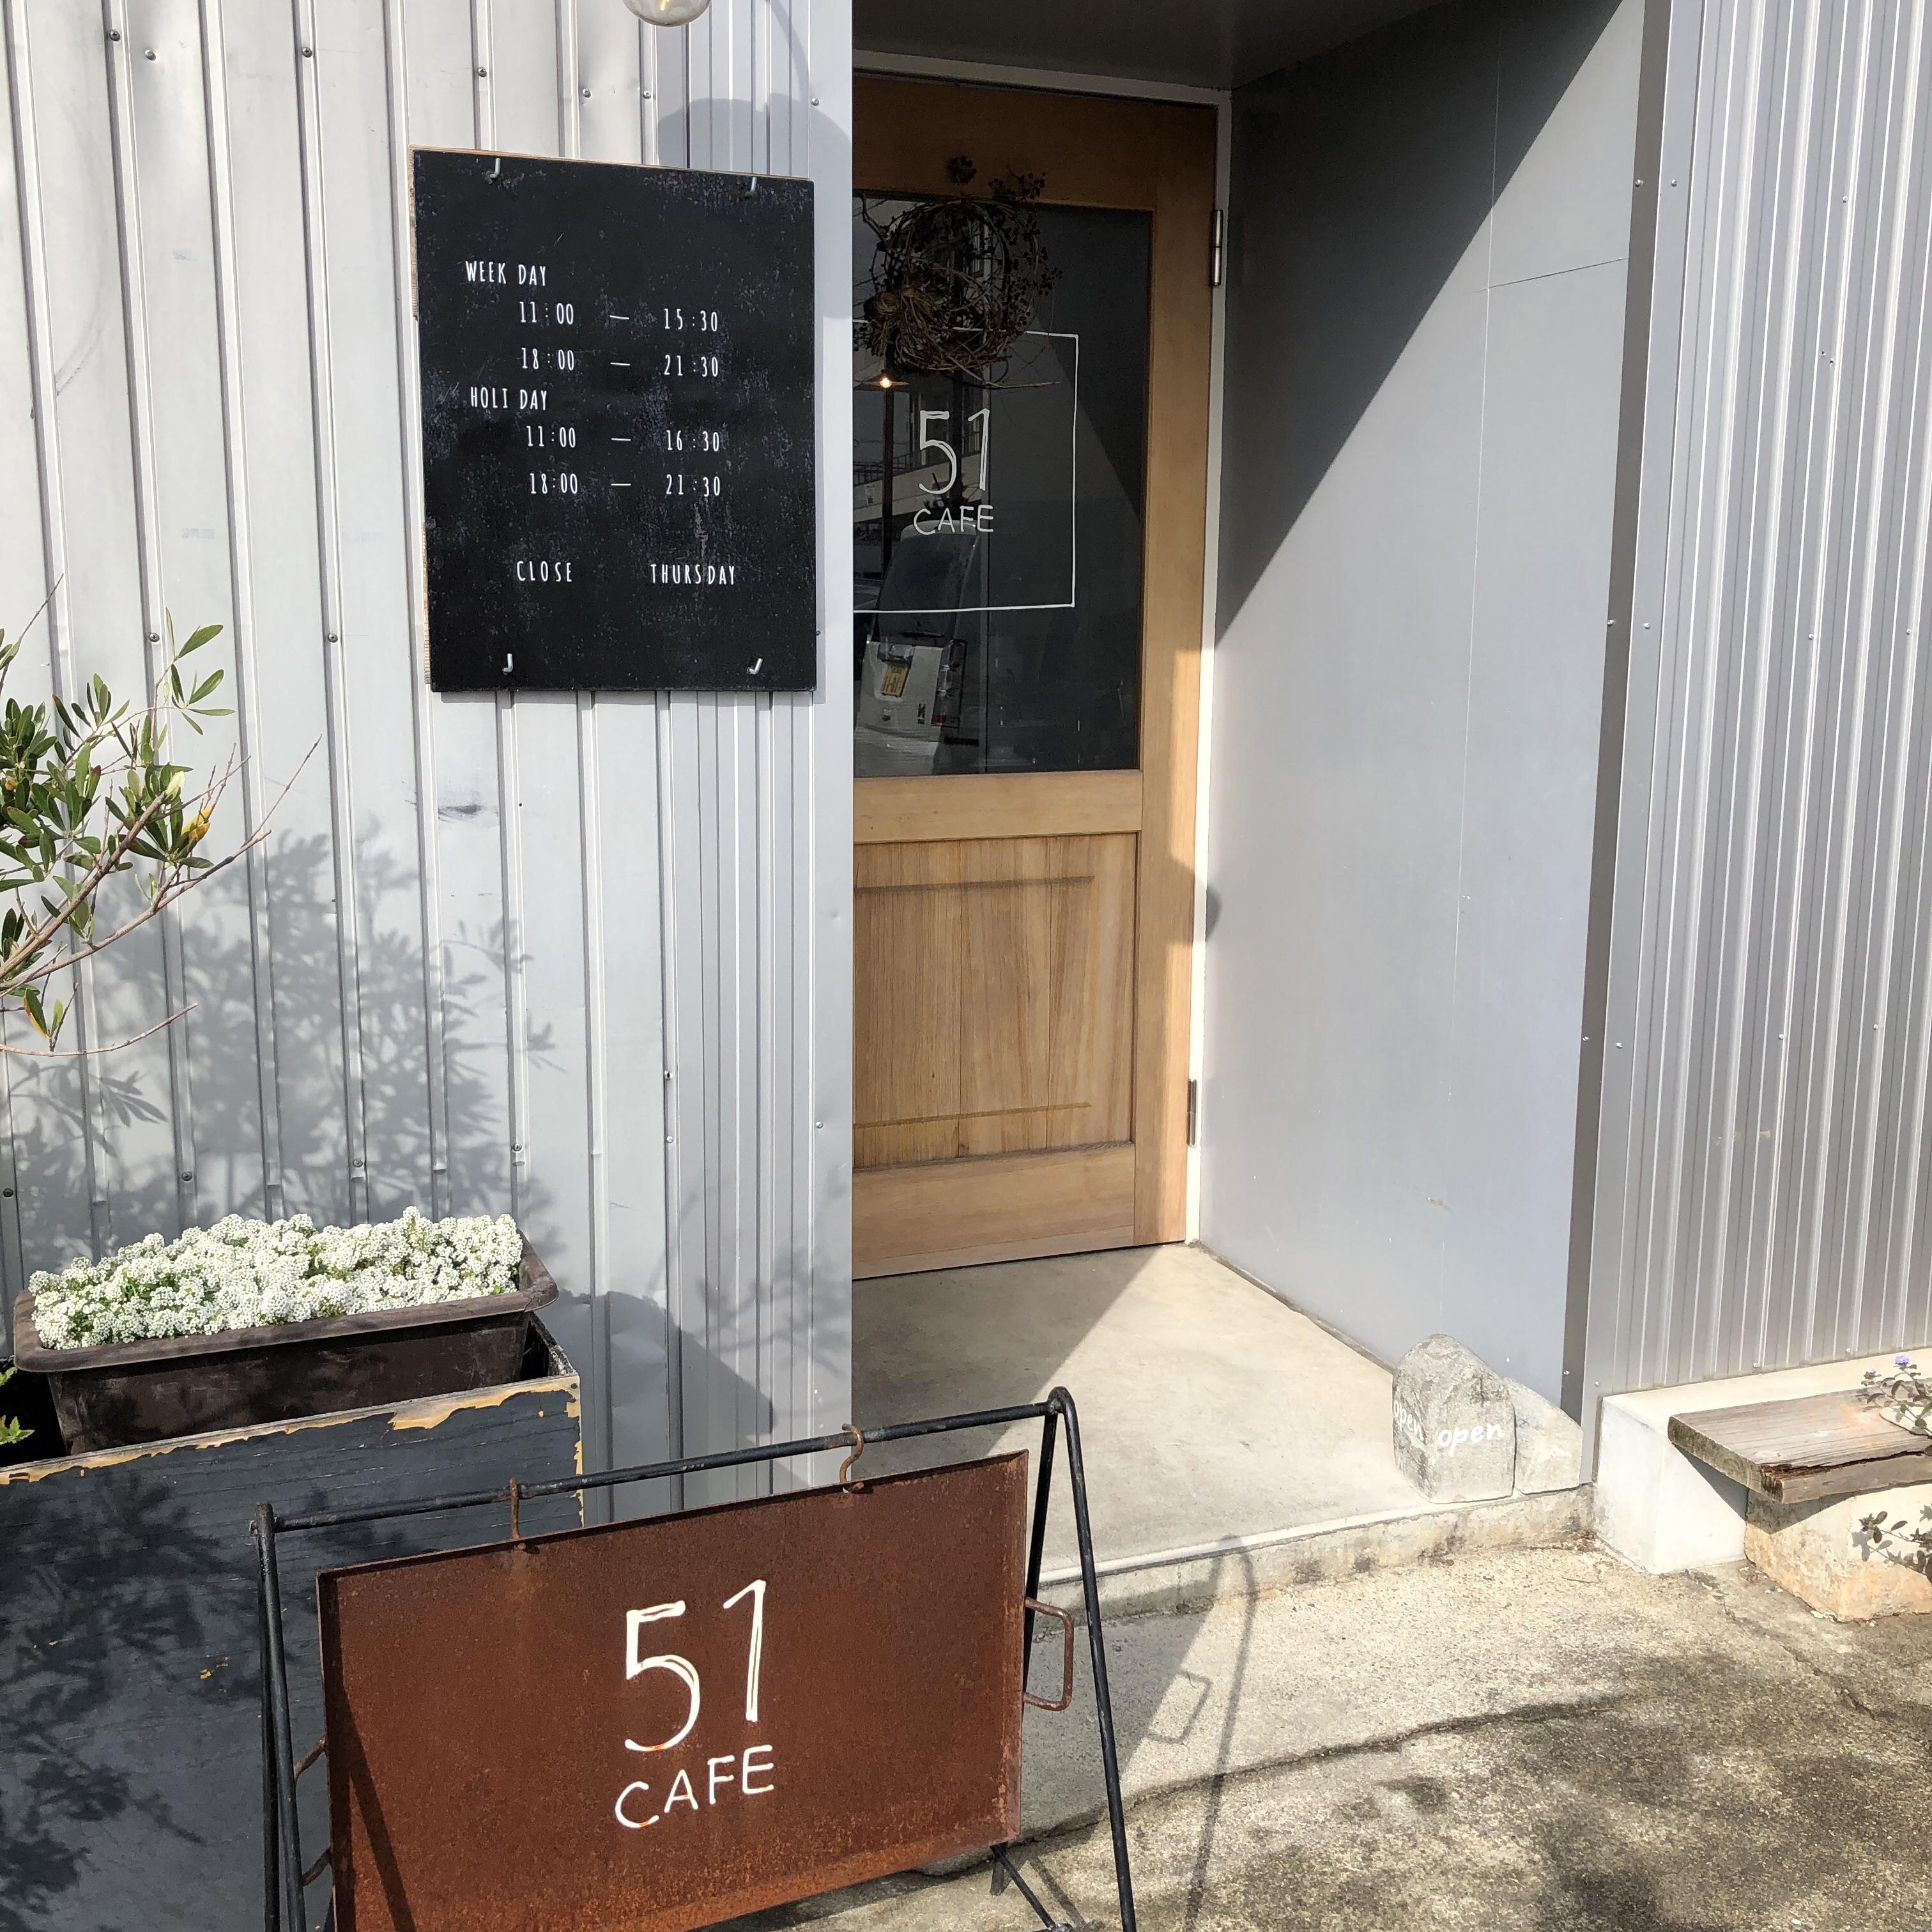 滋賀県彦根市おすすめランチ インテリアが素敵な51カフェ